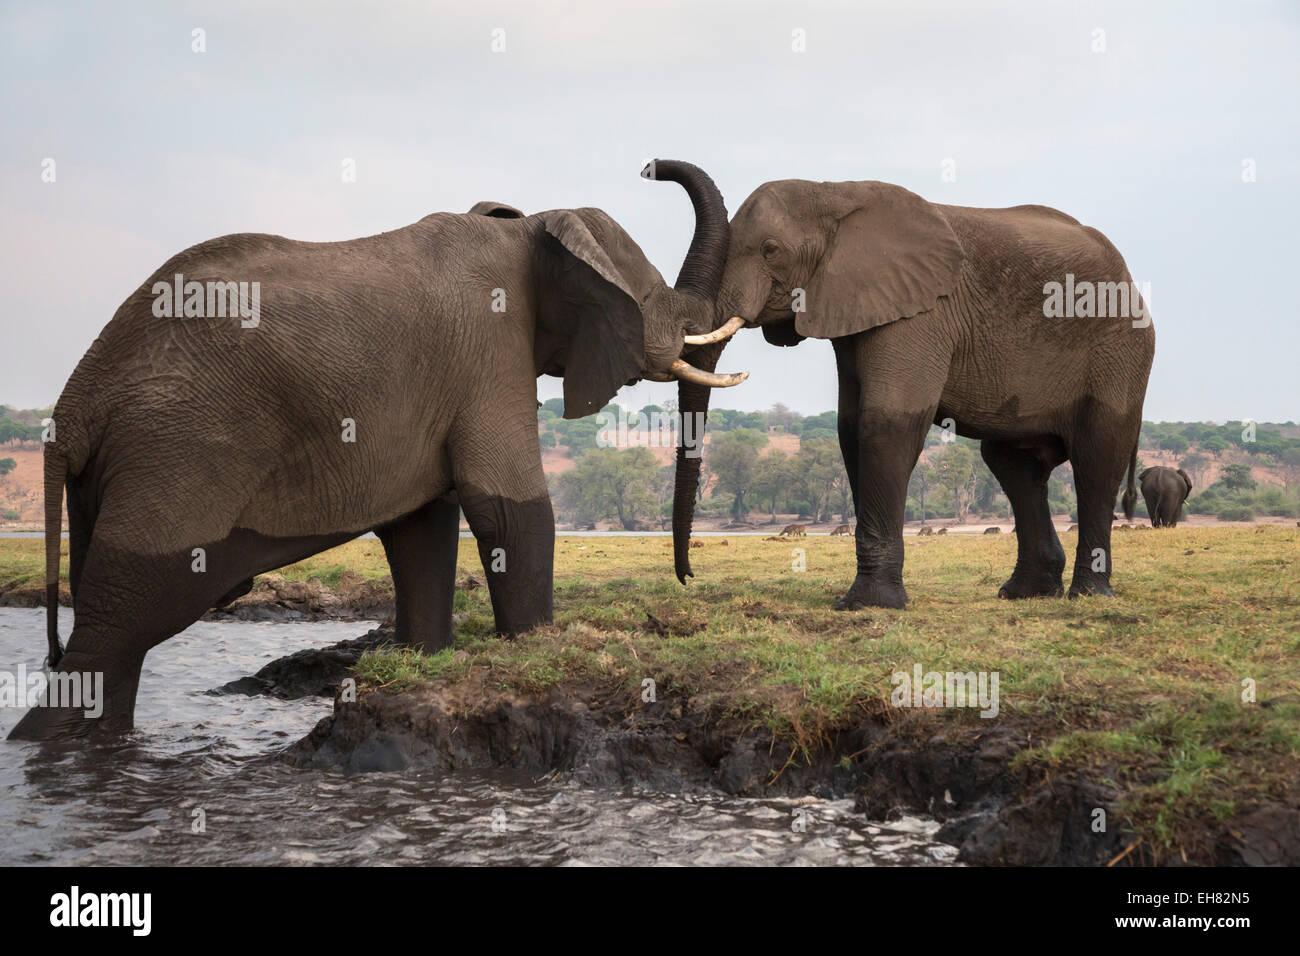 Afrikanische Elefanten (Loxodonta Africana), Chobe Nationalpark, Botswana, Afrika Stockbild